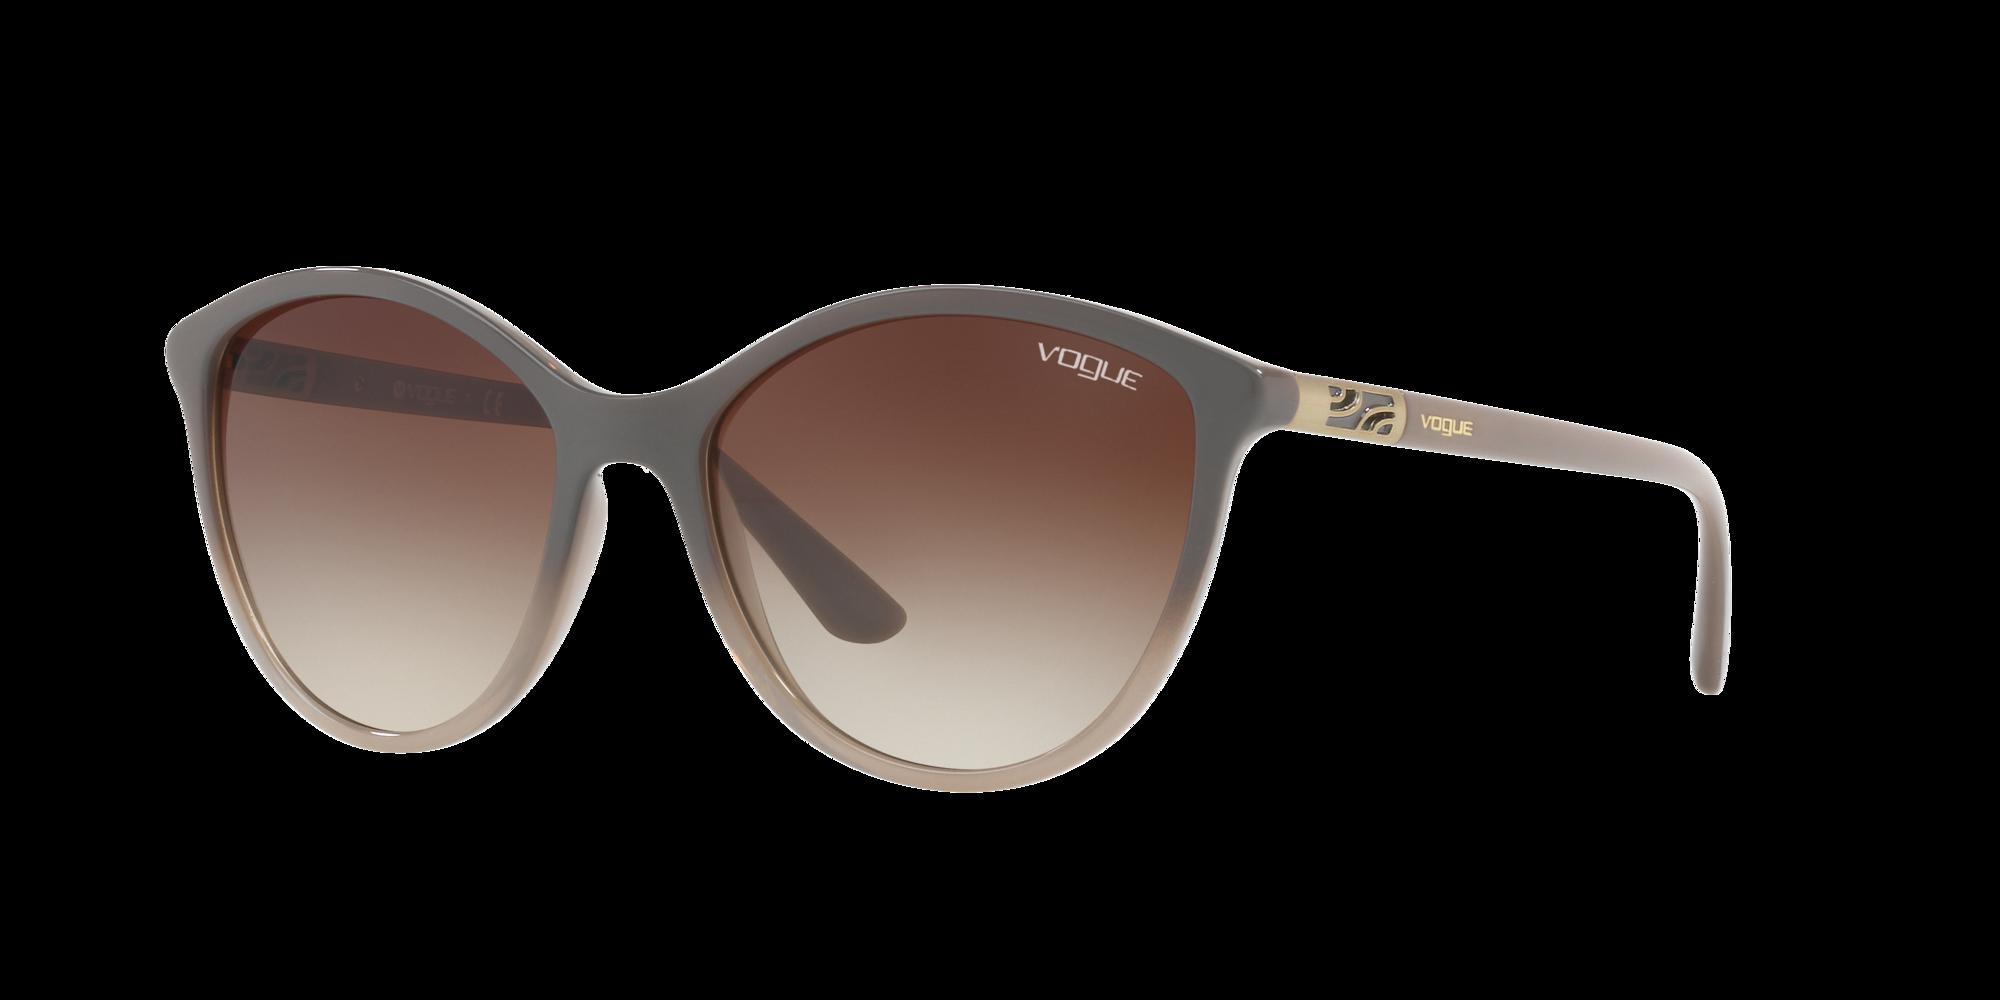 Vogue Eyewear Unisex  VO5165S -  Frame color: Gris, Lens color: Marron, Size 55-17/140